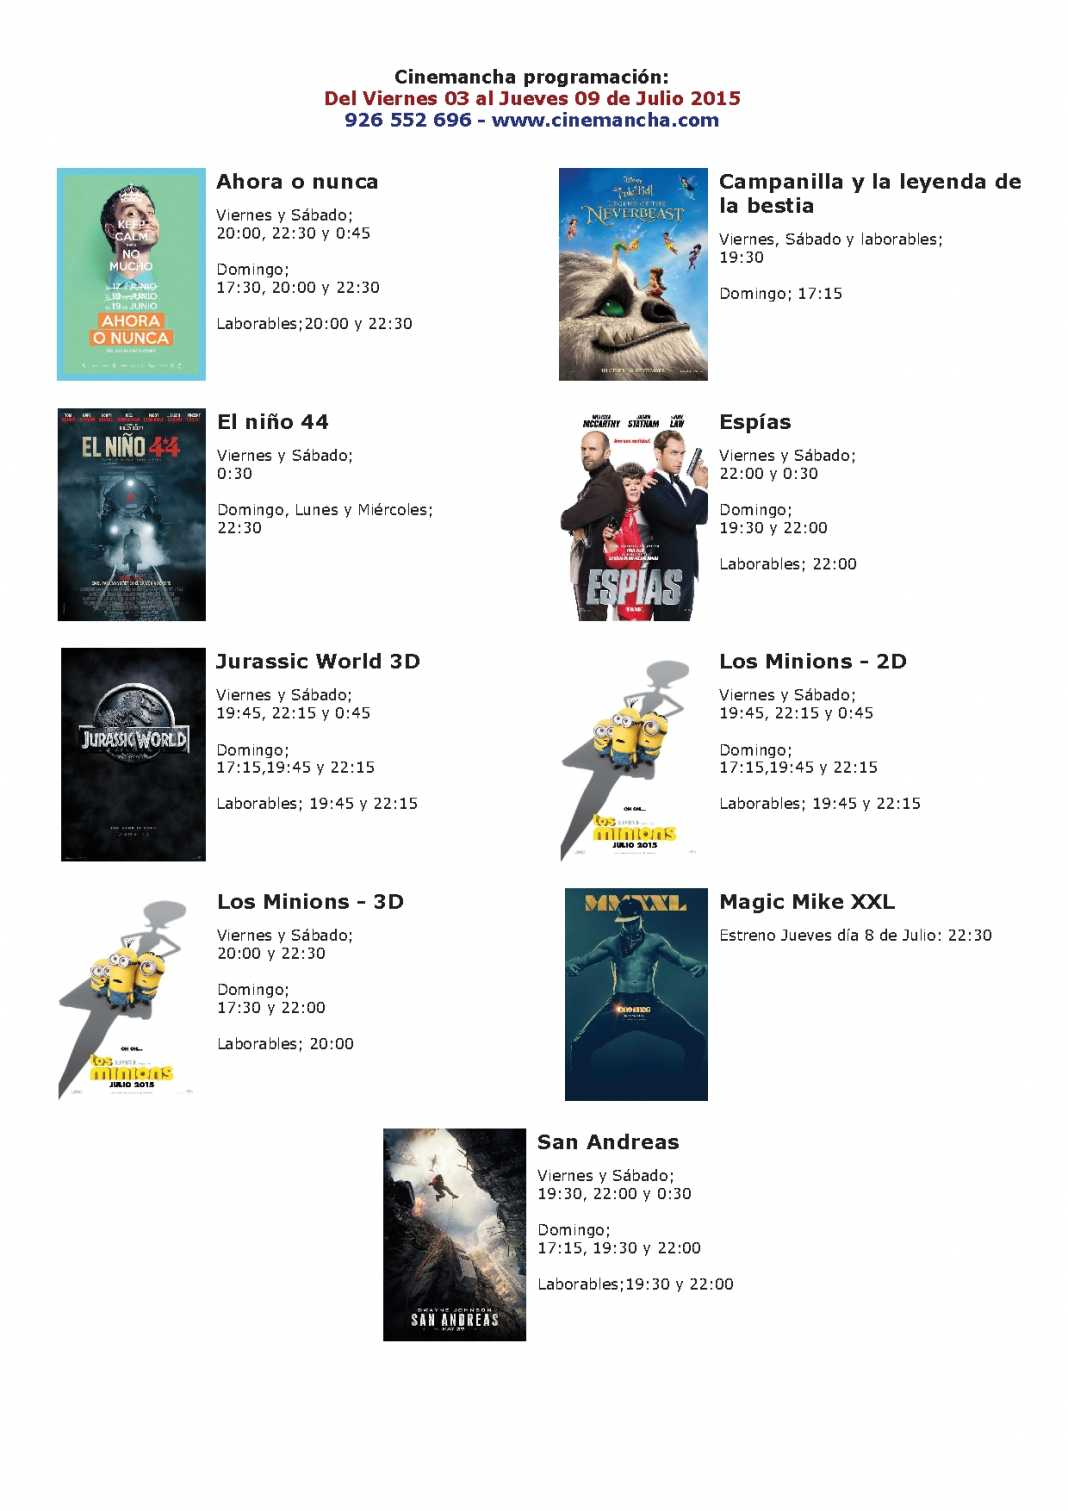 Cartelera Cinemancha del viernes 03 al jueves 09 de julio 1